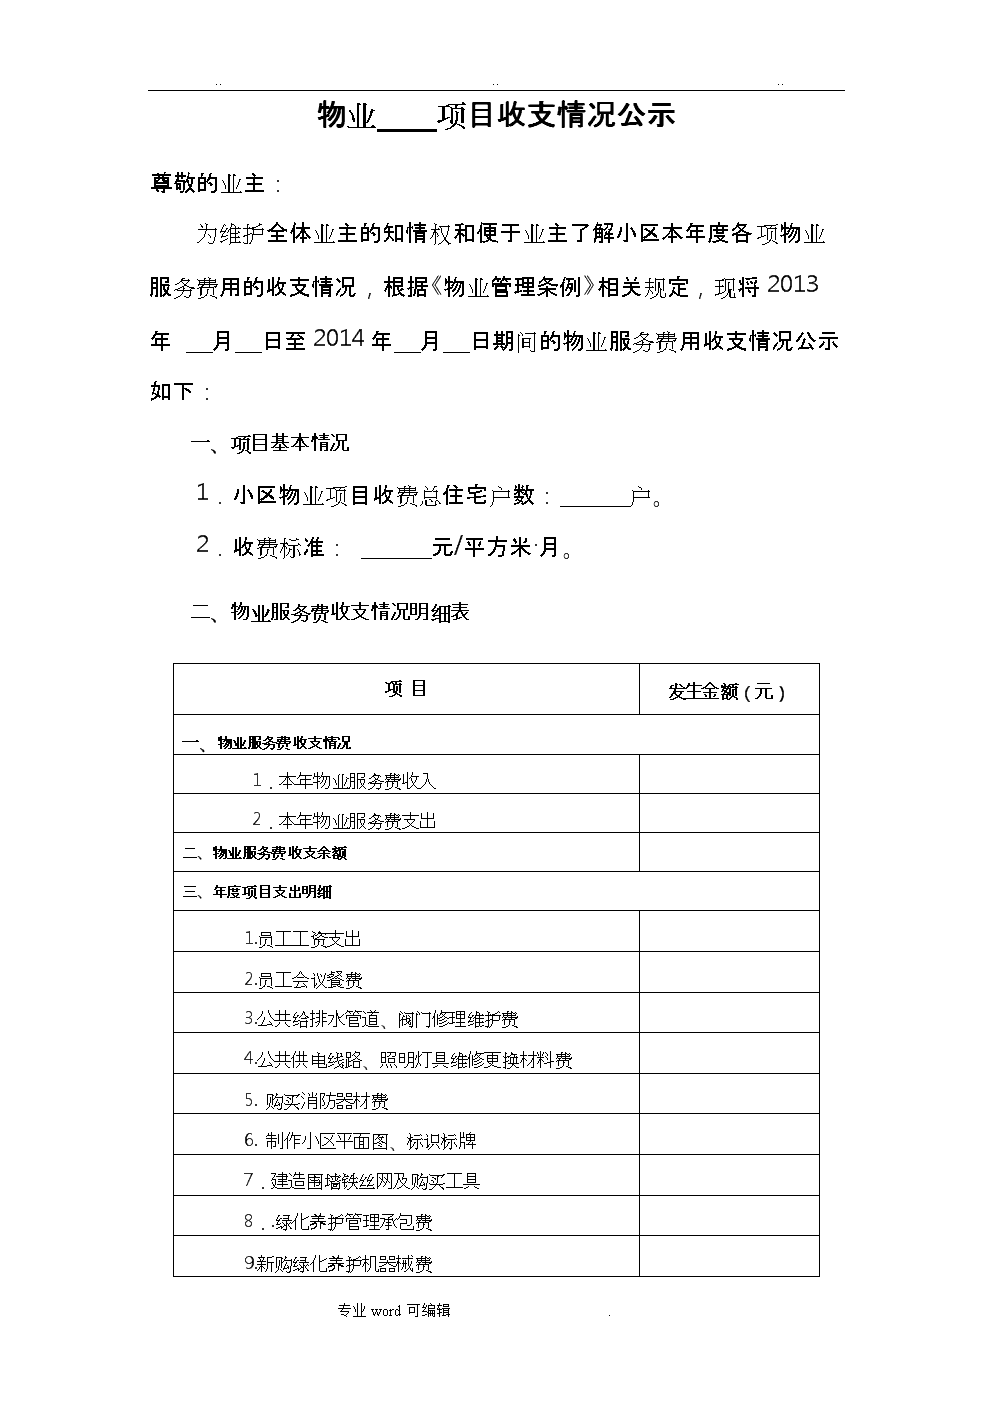 物业公司XX年度收支情况公示模板.doc